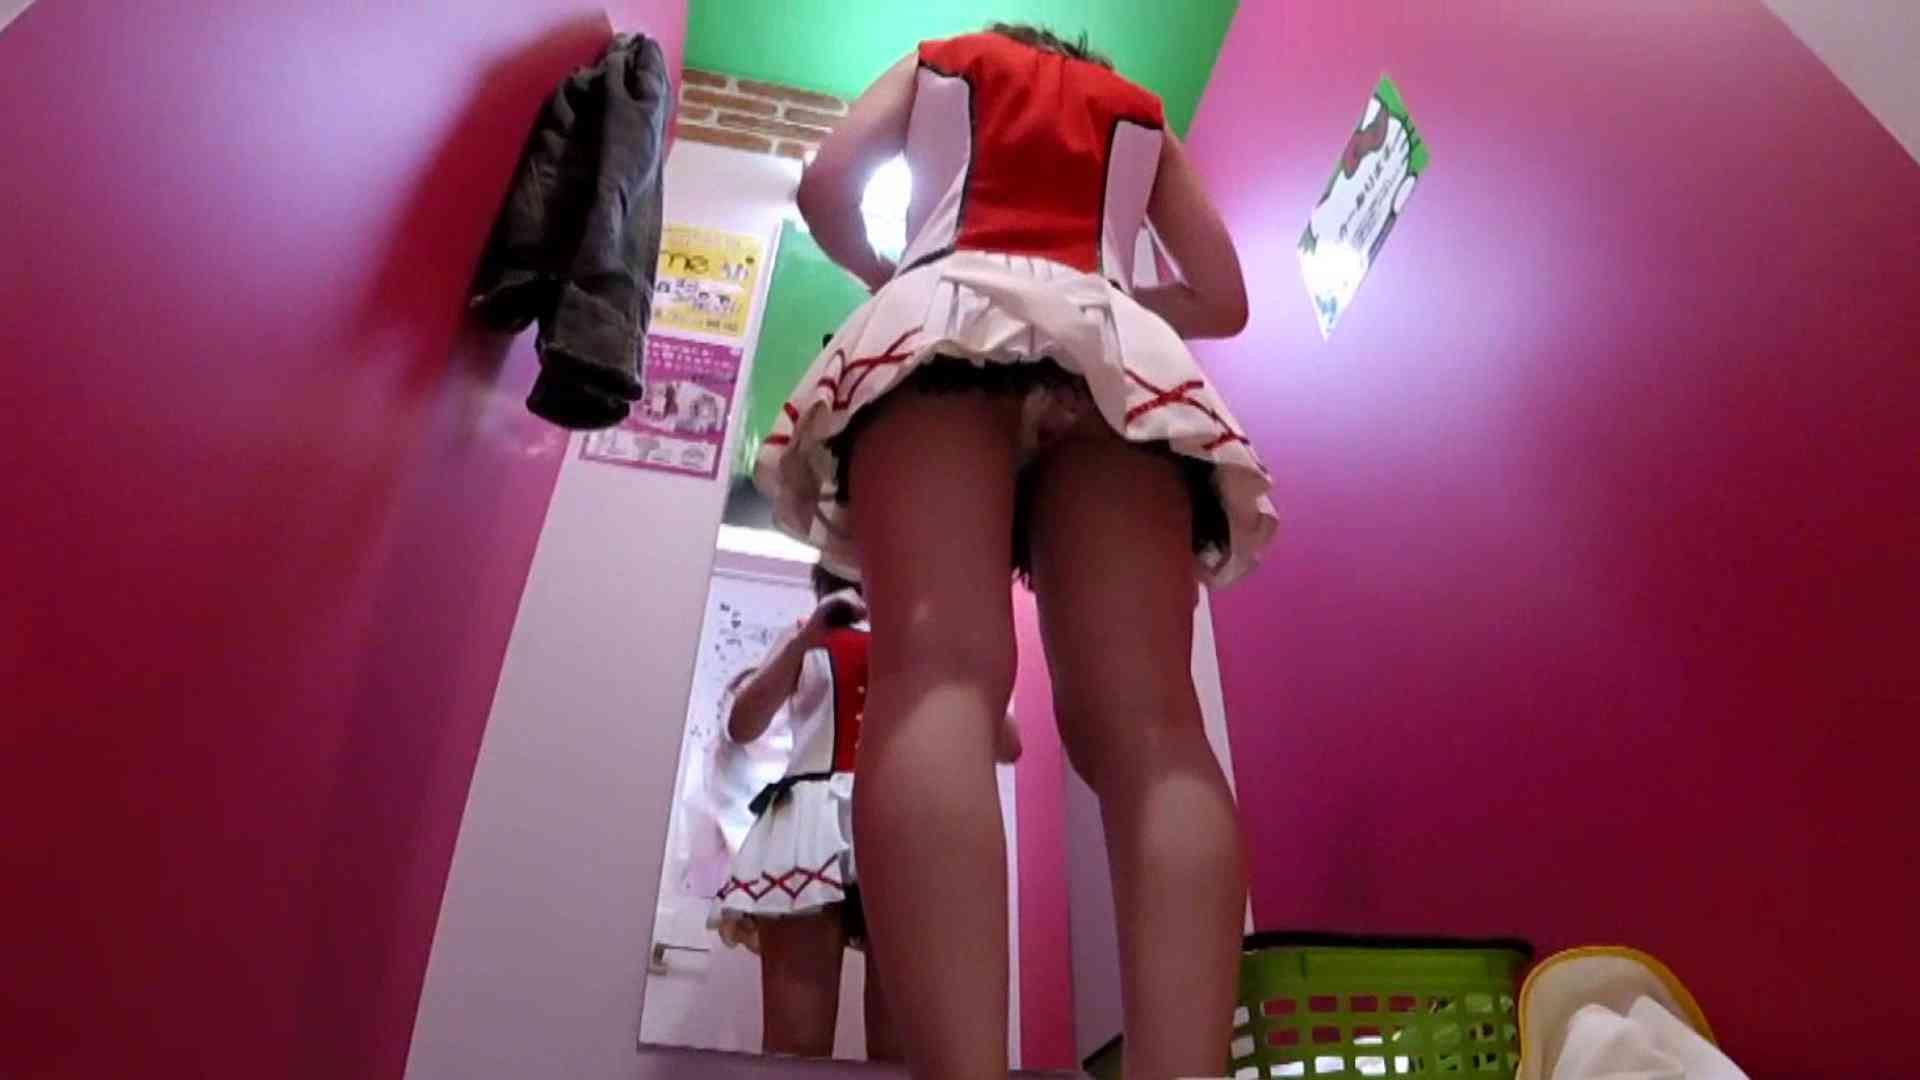 夢見る乙女の試着室 Vol.01 乙女のヌード すけべAV動画紹介 107画像 86